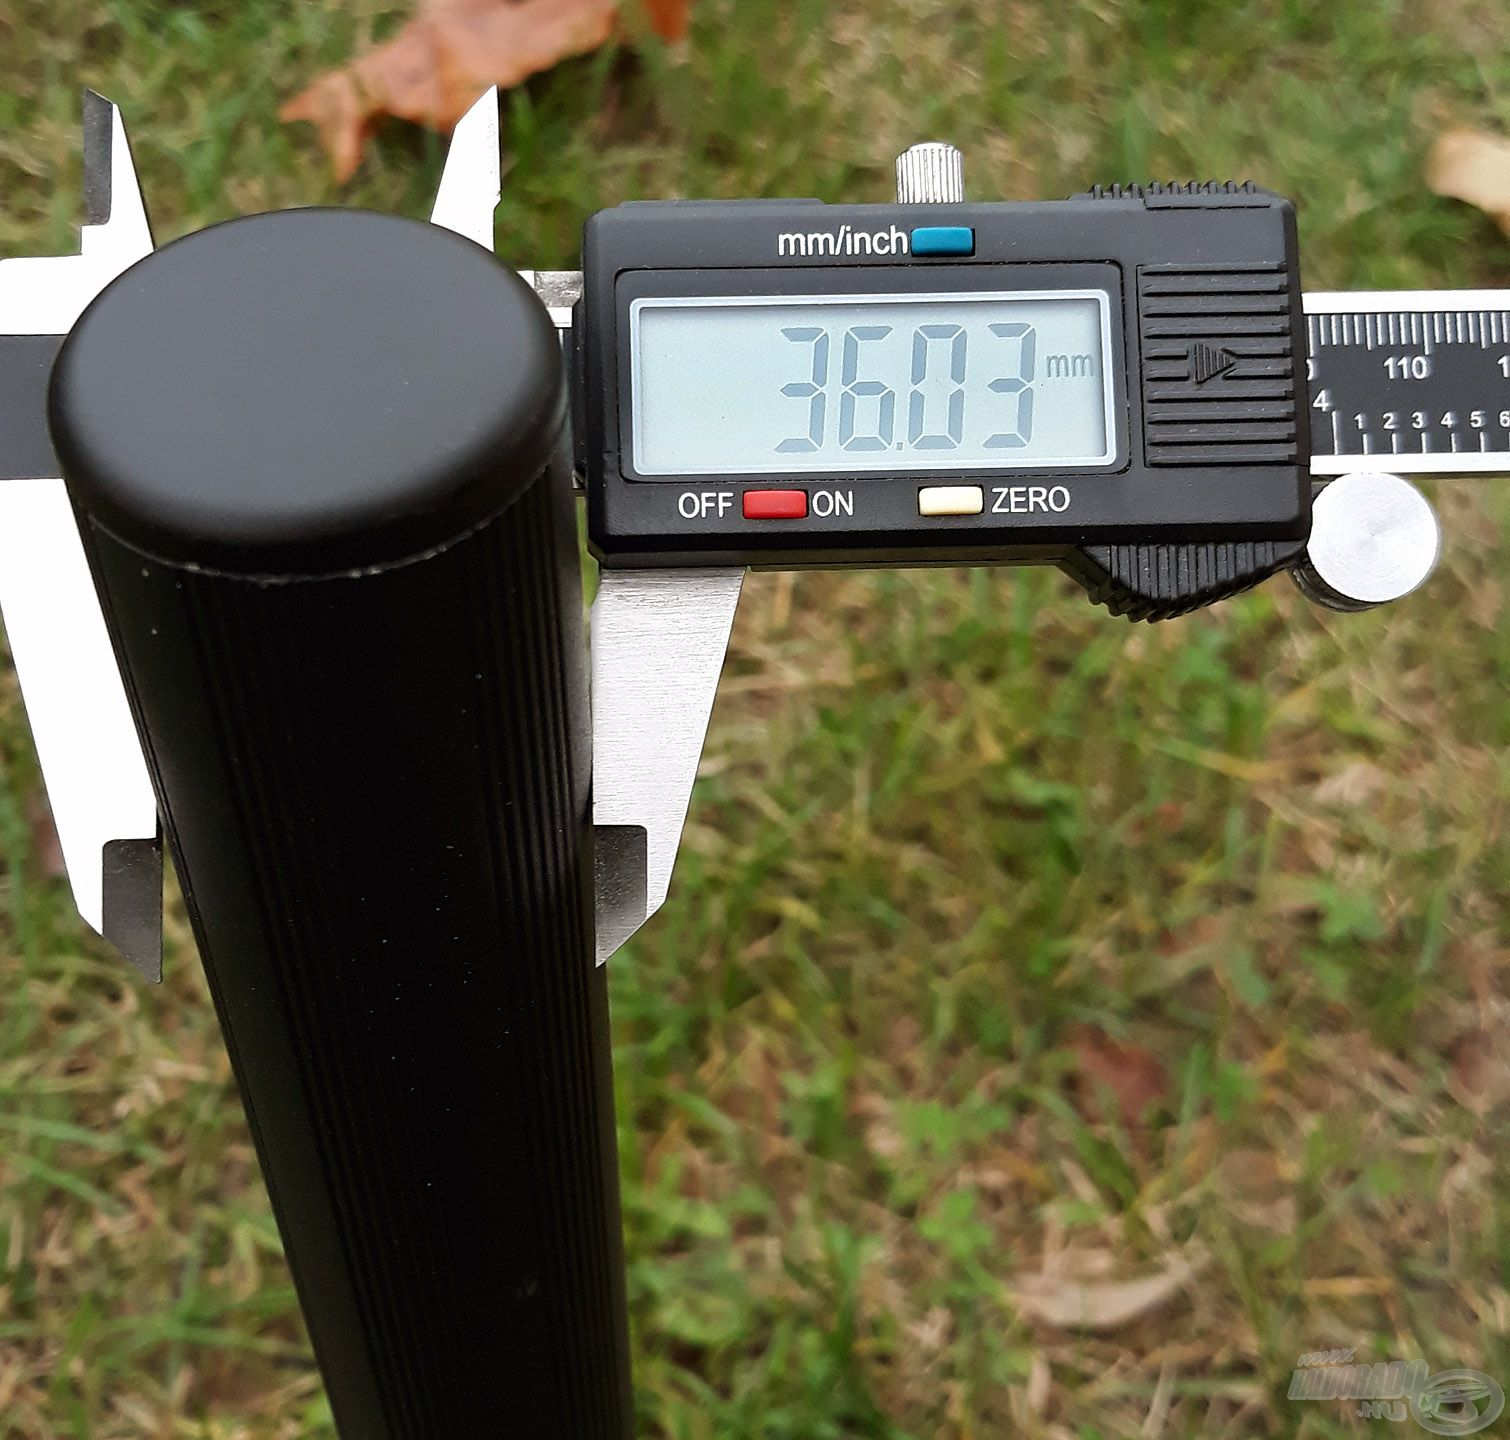 A horgászládát tartó 4 db láb mindegyike 36 mm átmérőjű, kör keresztmetszetű, amik minden kiegészítővel, modullal kompatibilisek, univerzálisan használhatóak